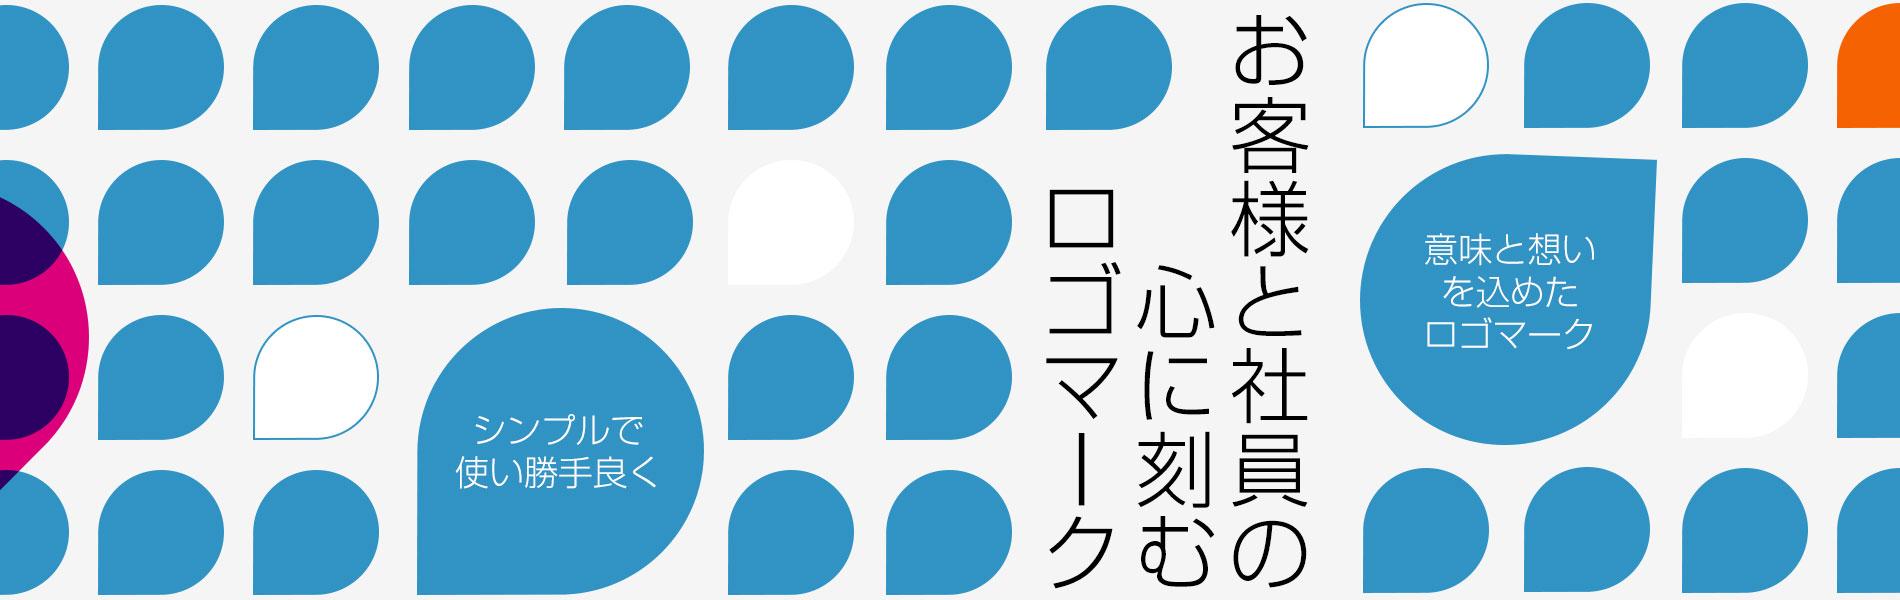 千葉県船橋市のロゴマーク制作・ロゴタイプ作成